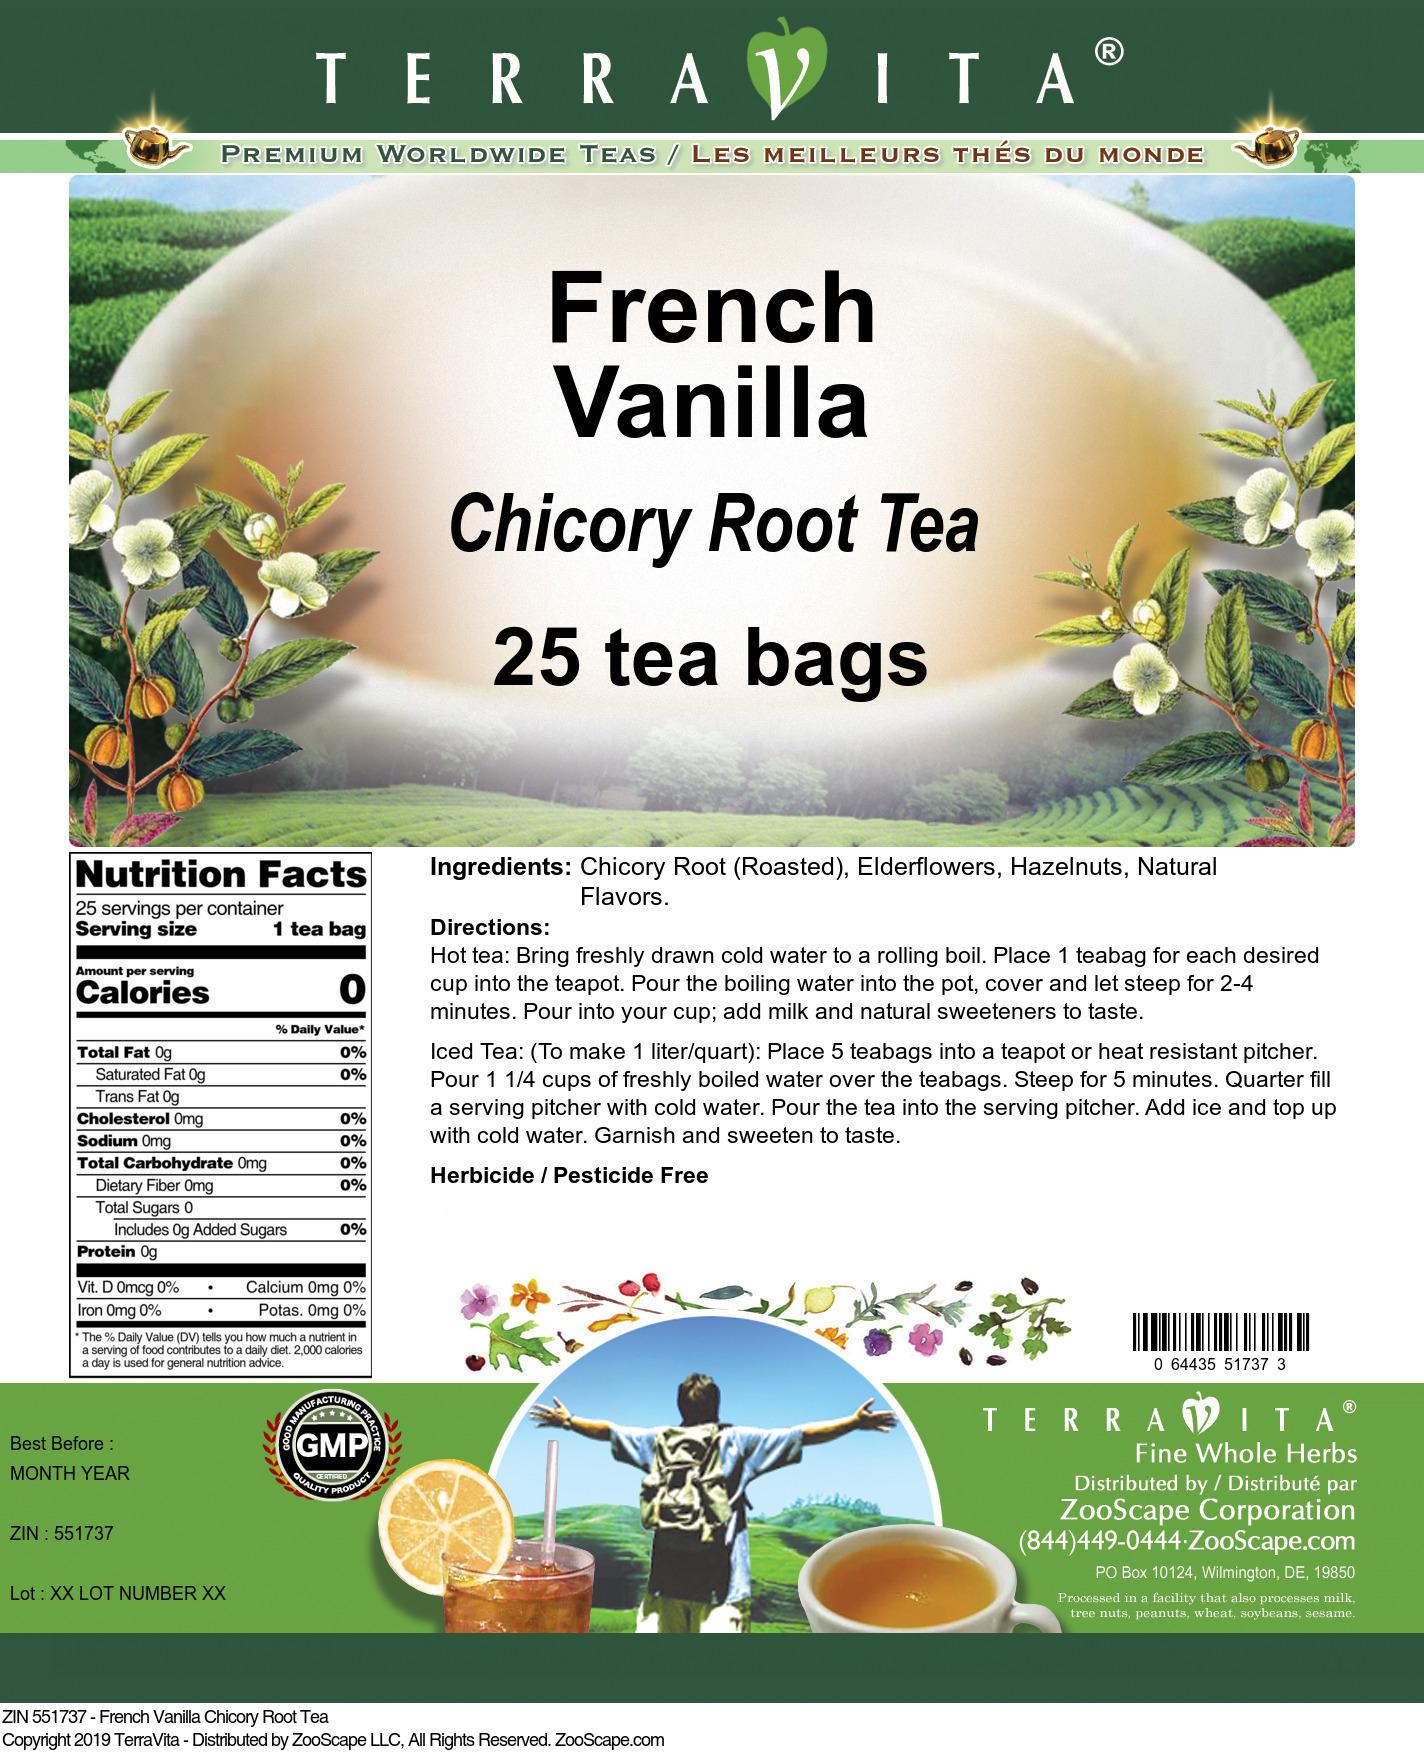 French Vanilla Chicory Root